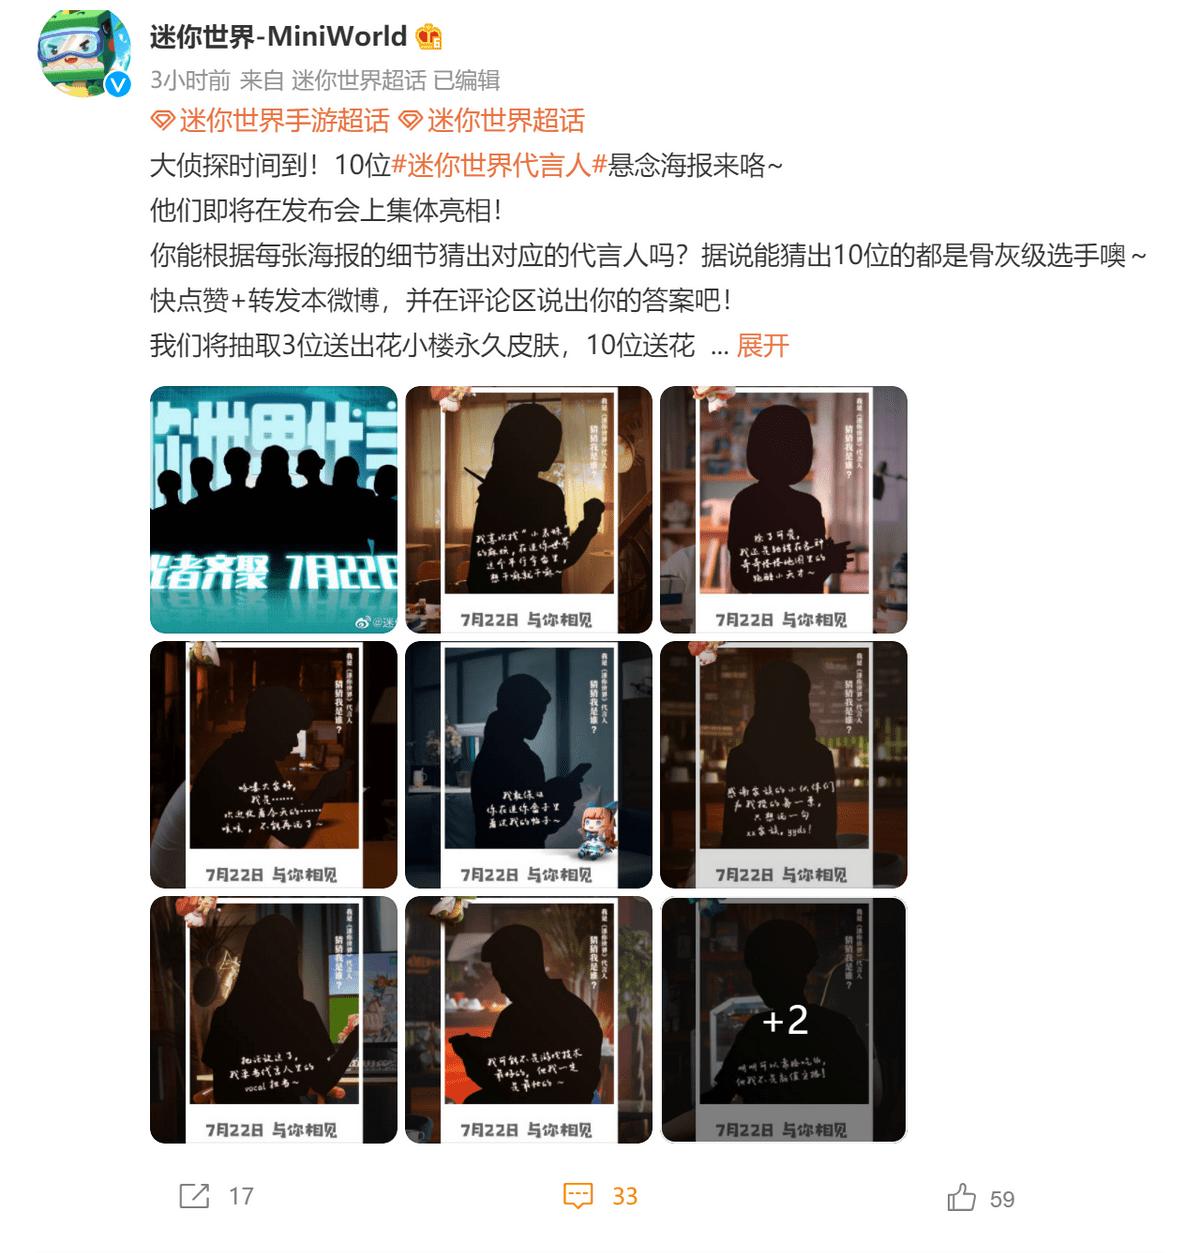 迷你十大代言人集结,官方正式曝光剪影,粉丝一眼猜中_玩家